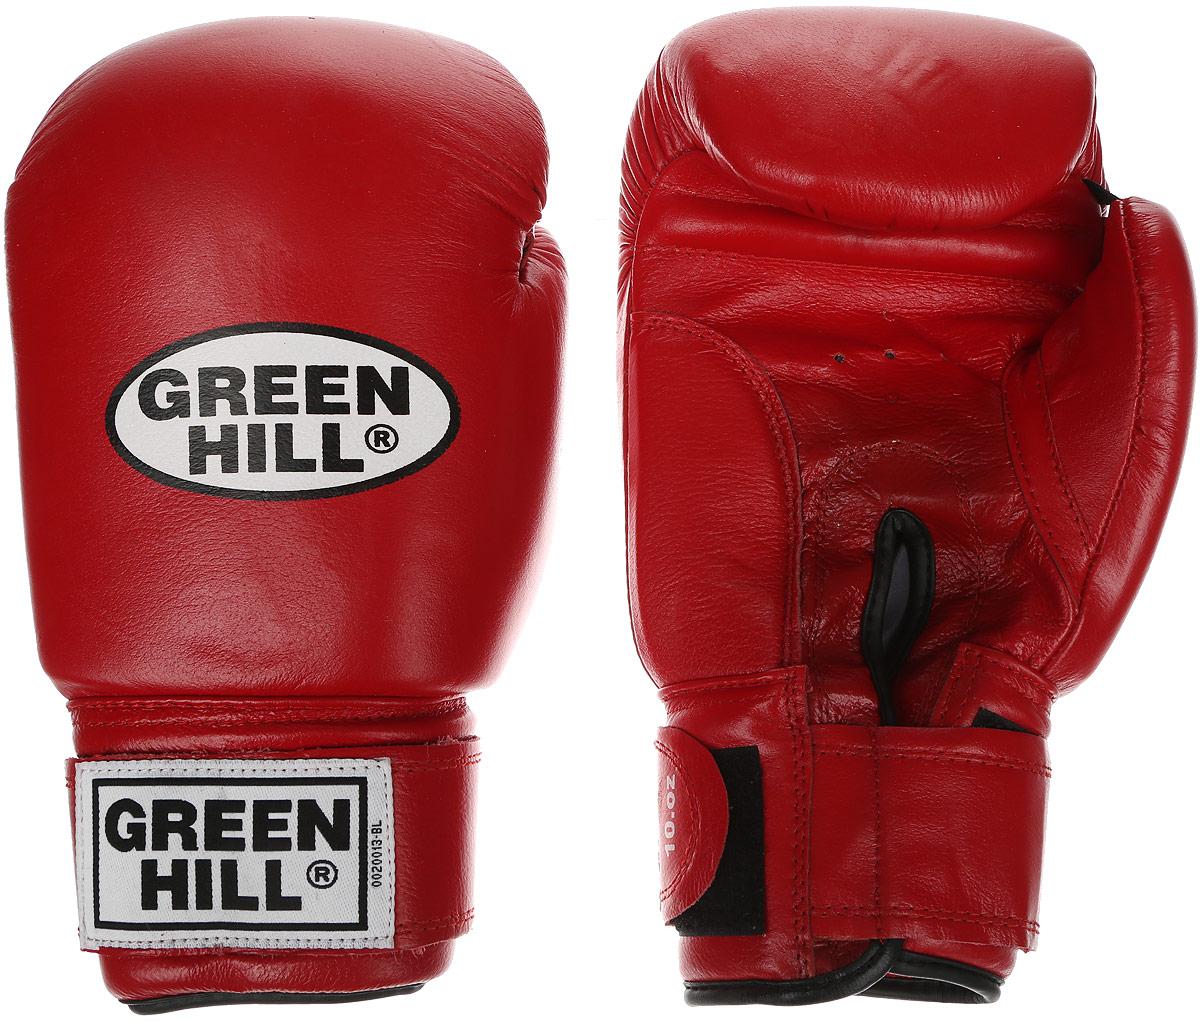 Перчатки боксерские Green Hill Super Star, цвет: красный, белый. Вес 10 унций. BGS-1213сPMP-2064Боксерские перчатки Green Hill Super Star предназначены для использования профессионалами. Подойдут для спаррингов и соревнований. Верх выполнен из натуральной кожи, наполнитель - из вспененного полимера. Отверстие в области ладони позволяет создать максимально комфортный терморежим во время занятий. Манжет на липучке способствует быстрому и удобному надеванию перчаток, плотно фиксирует перчатки на руке.